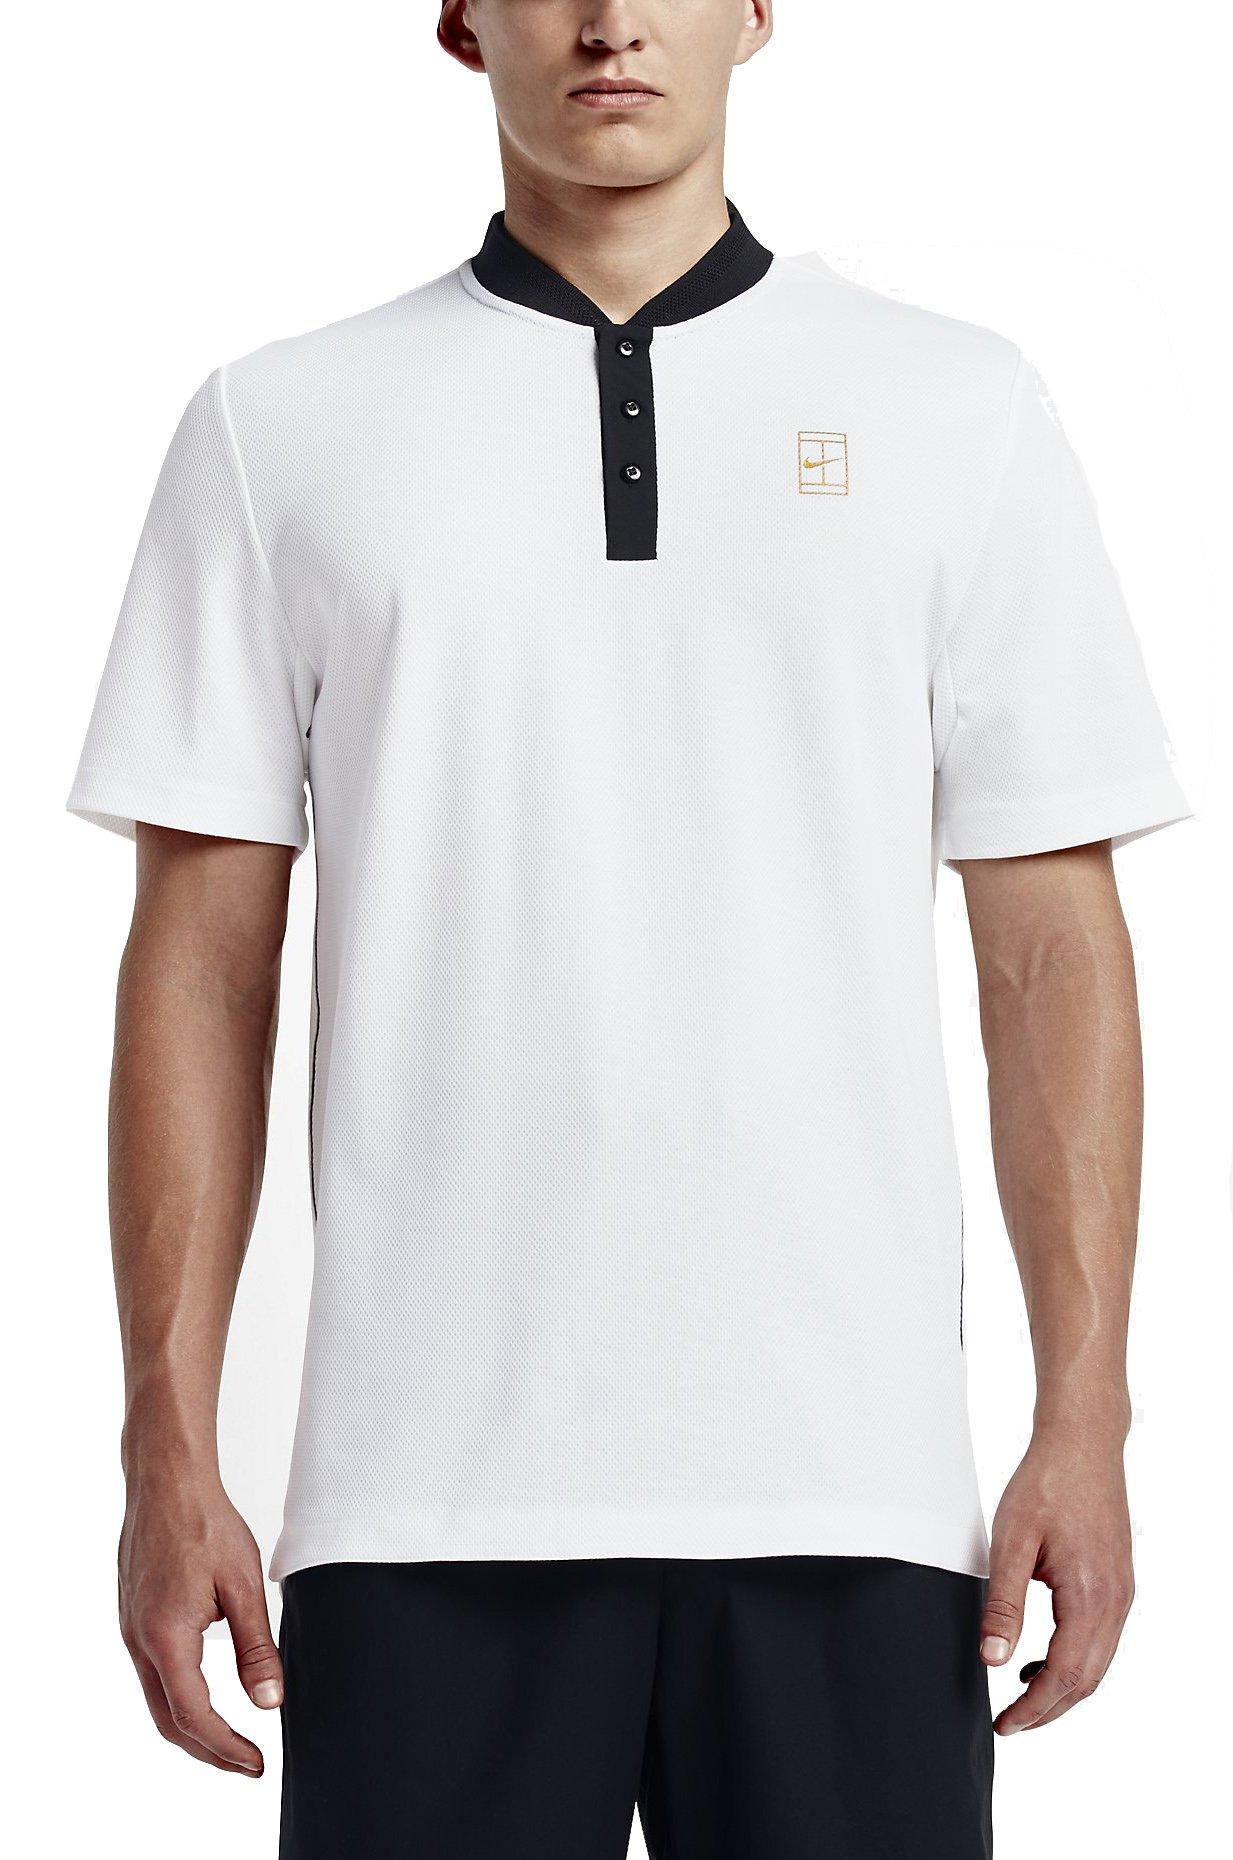 Polokošile NikeCourt Polo